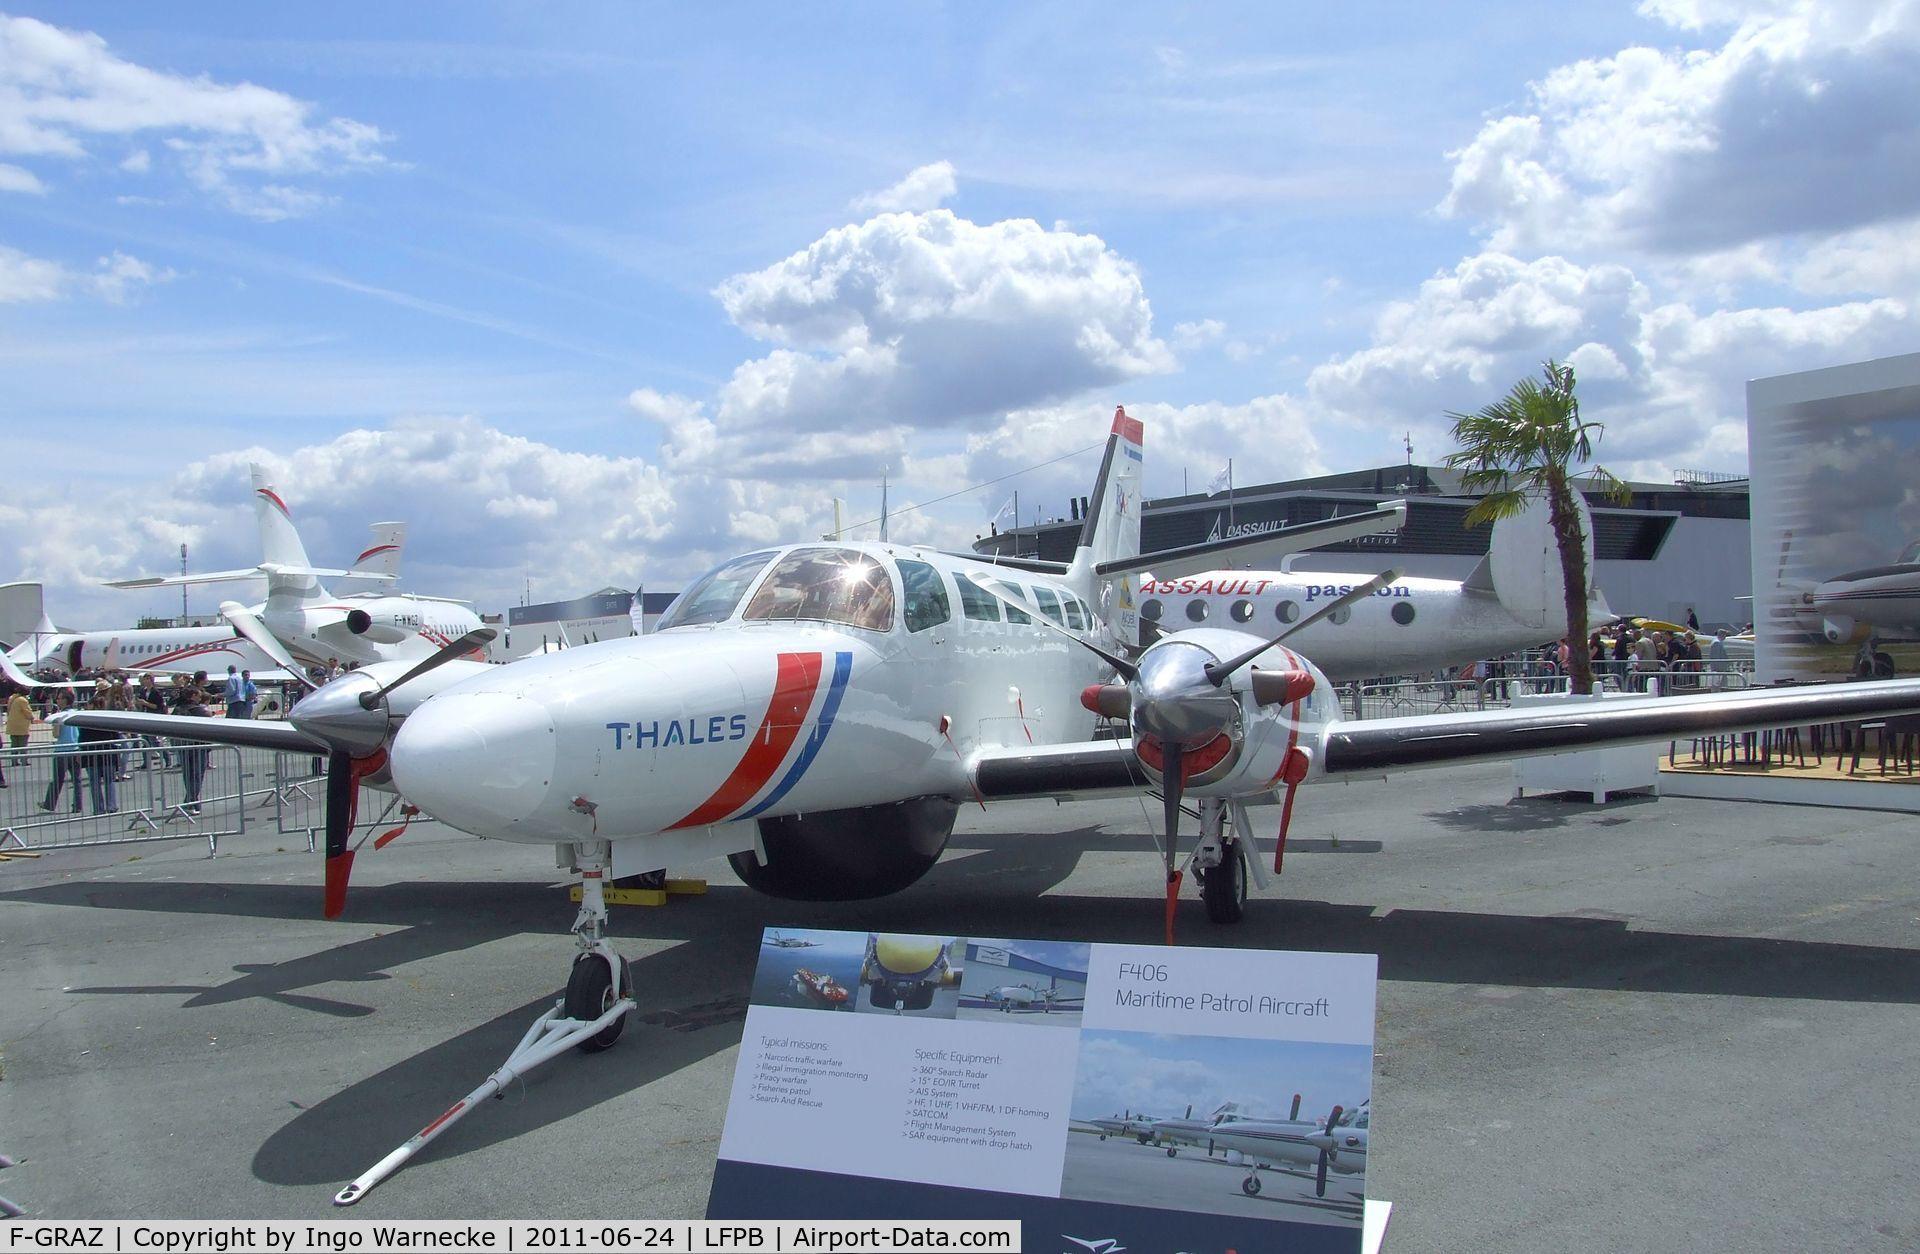 Aircraft F-GRAZ (1986 Reims F406 Vigilant C/N F406-0013) Photo by Ingo  Warnecke (Photo ID: AC631816)